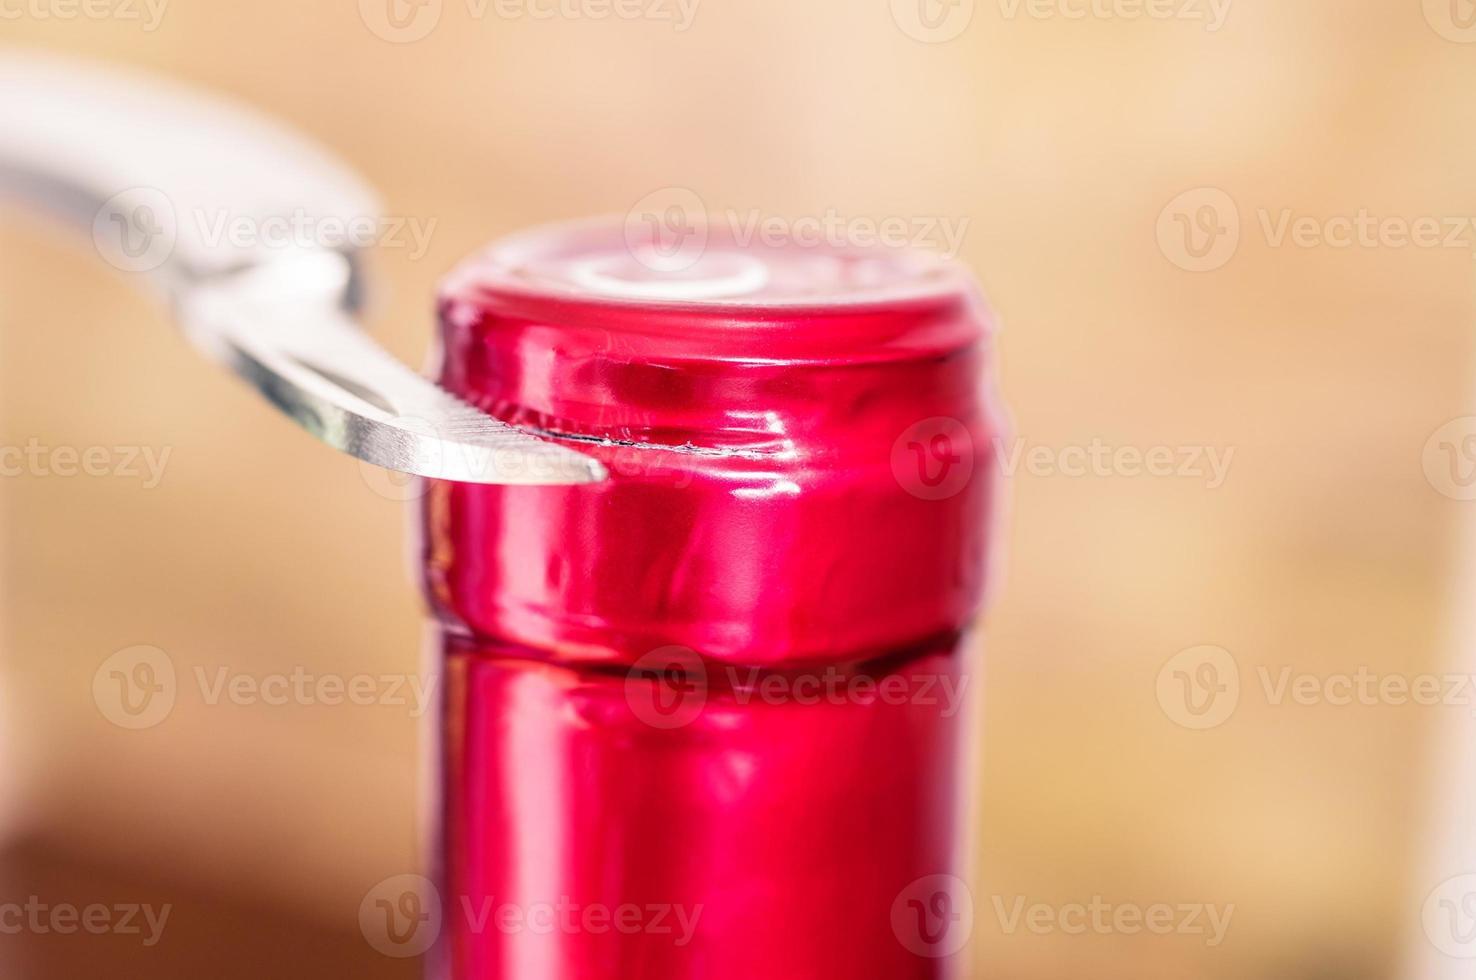 faca de corte tampa de alumínio para vinho foto